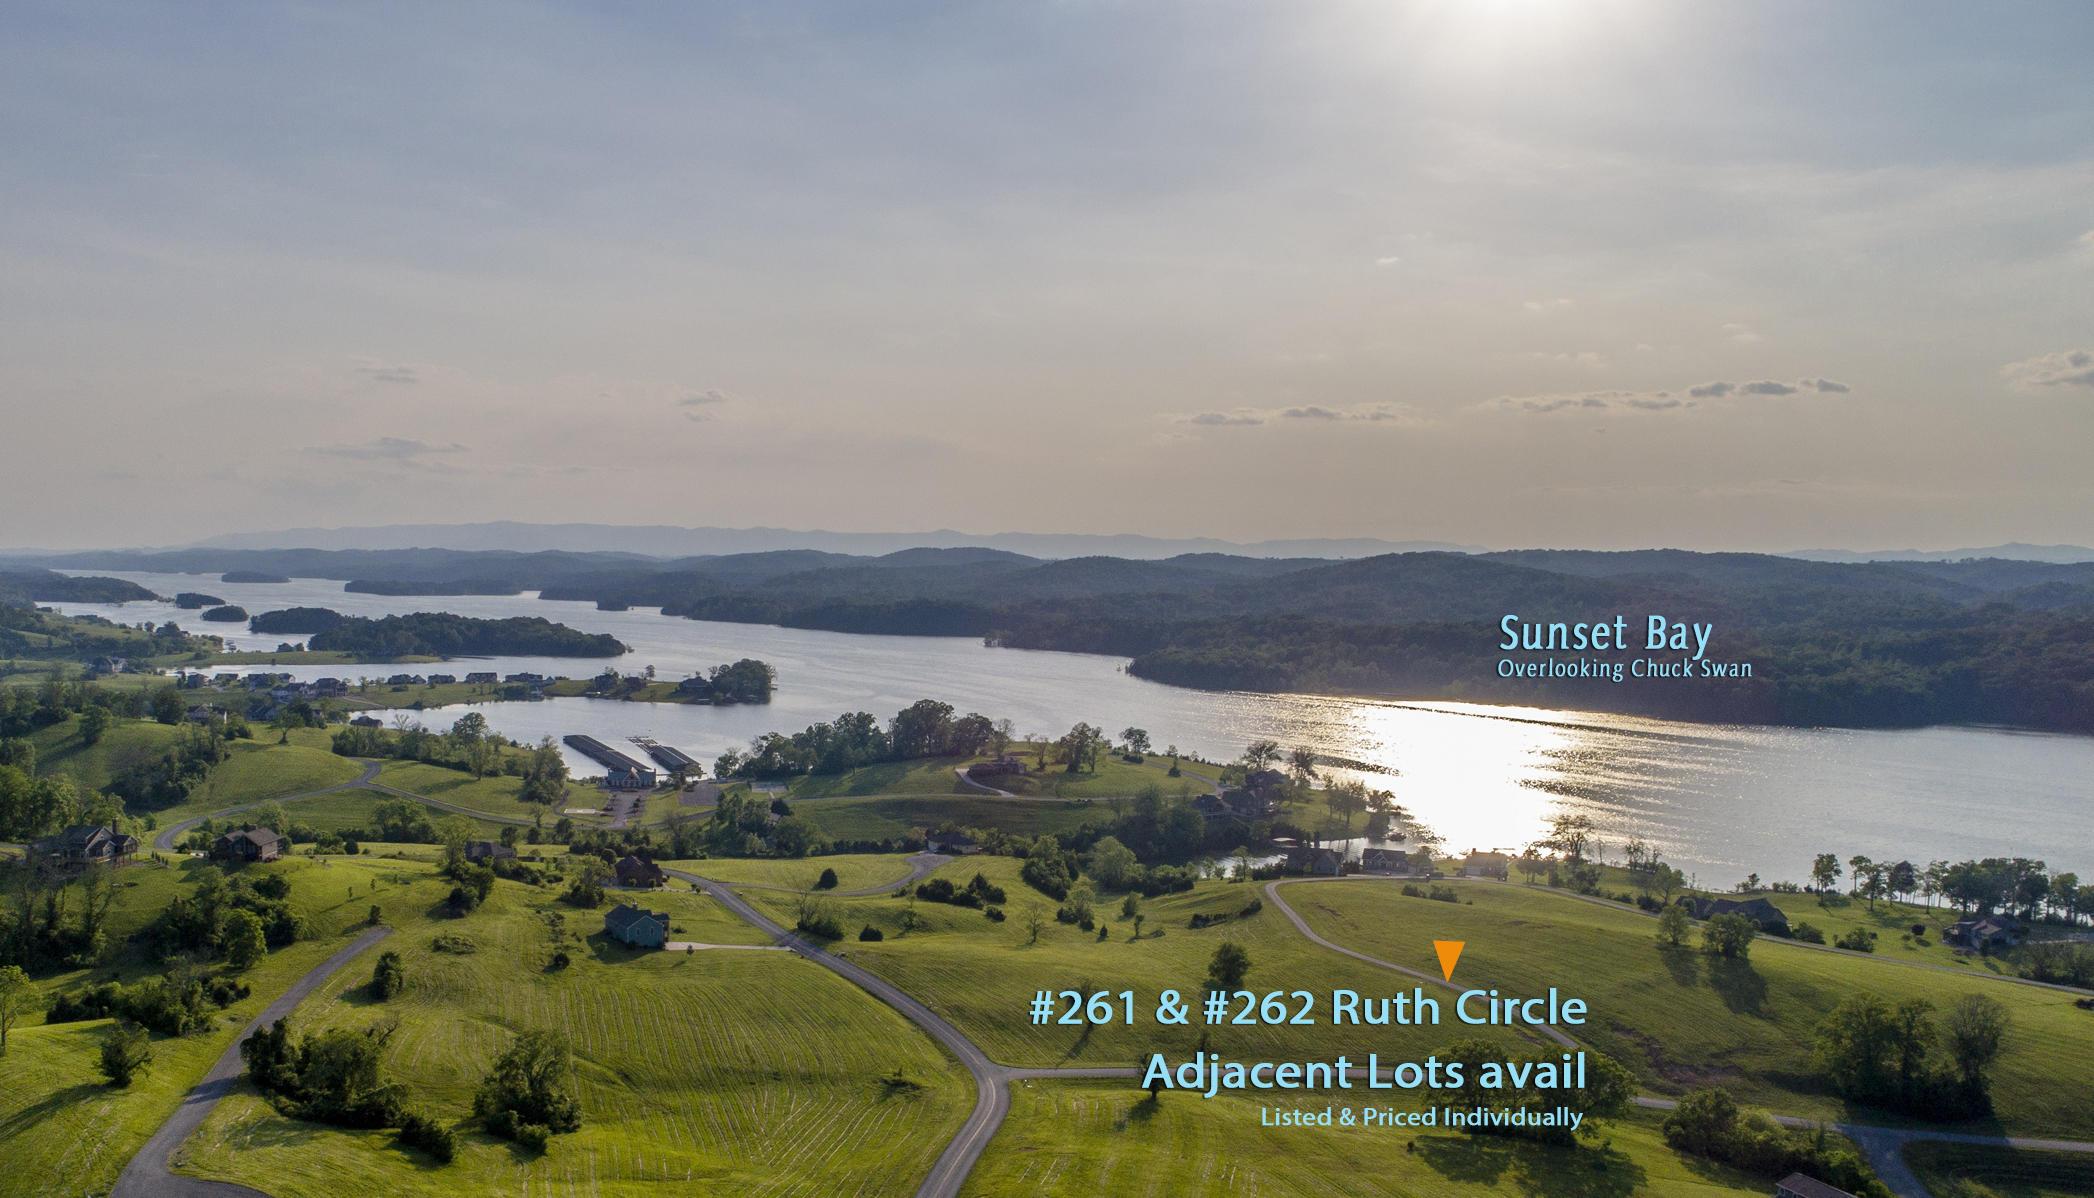 Lot 262 Ruth Circle: